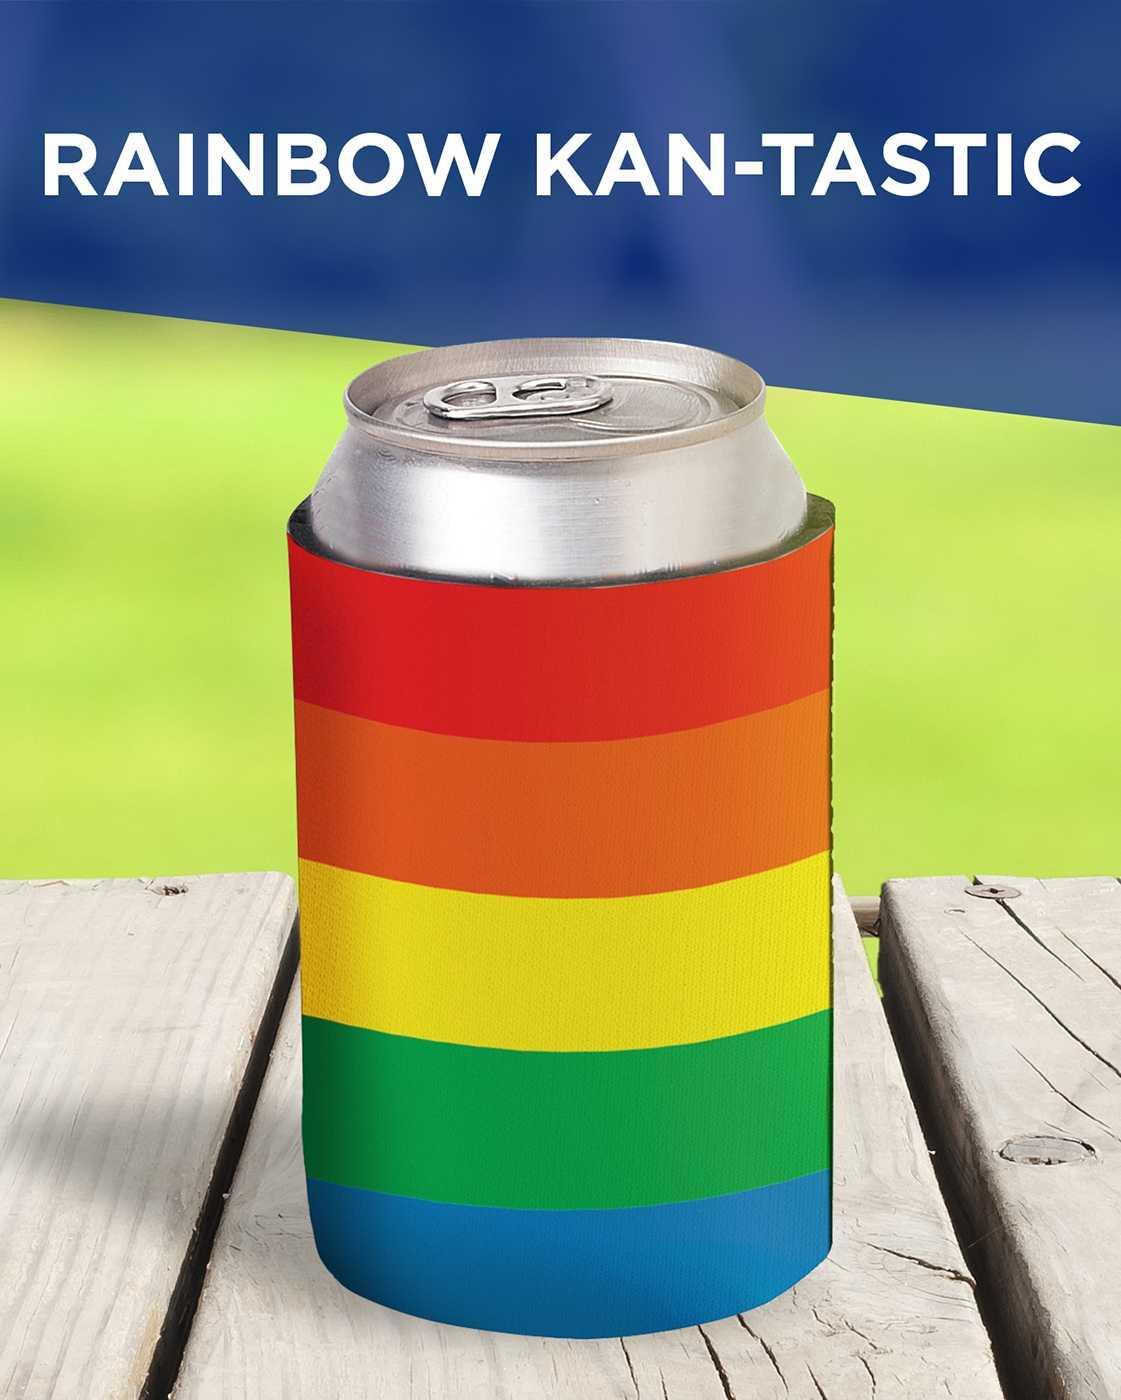 Rainbow Kantastic AIM